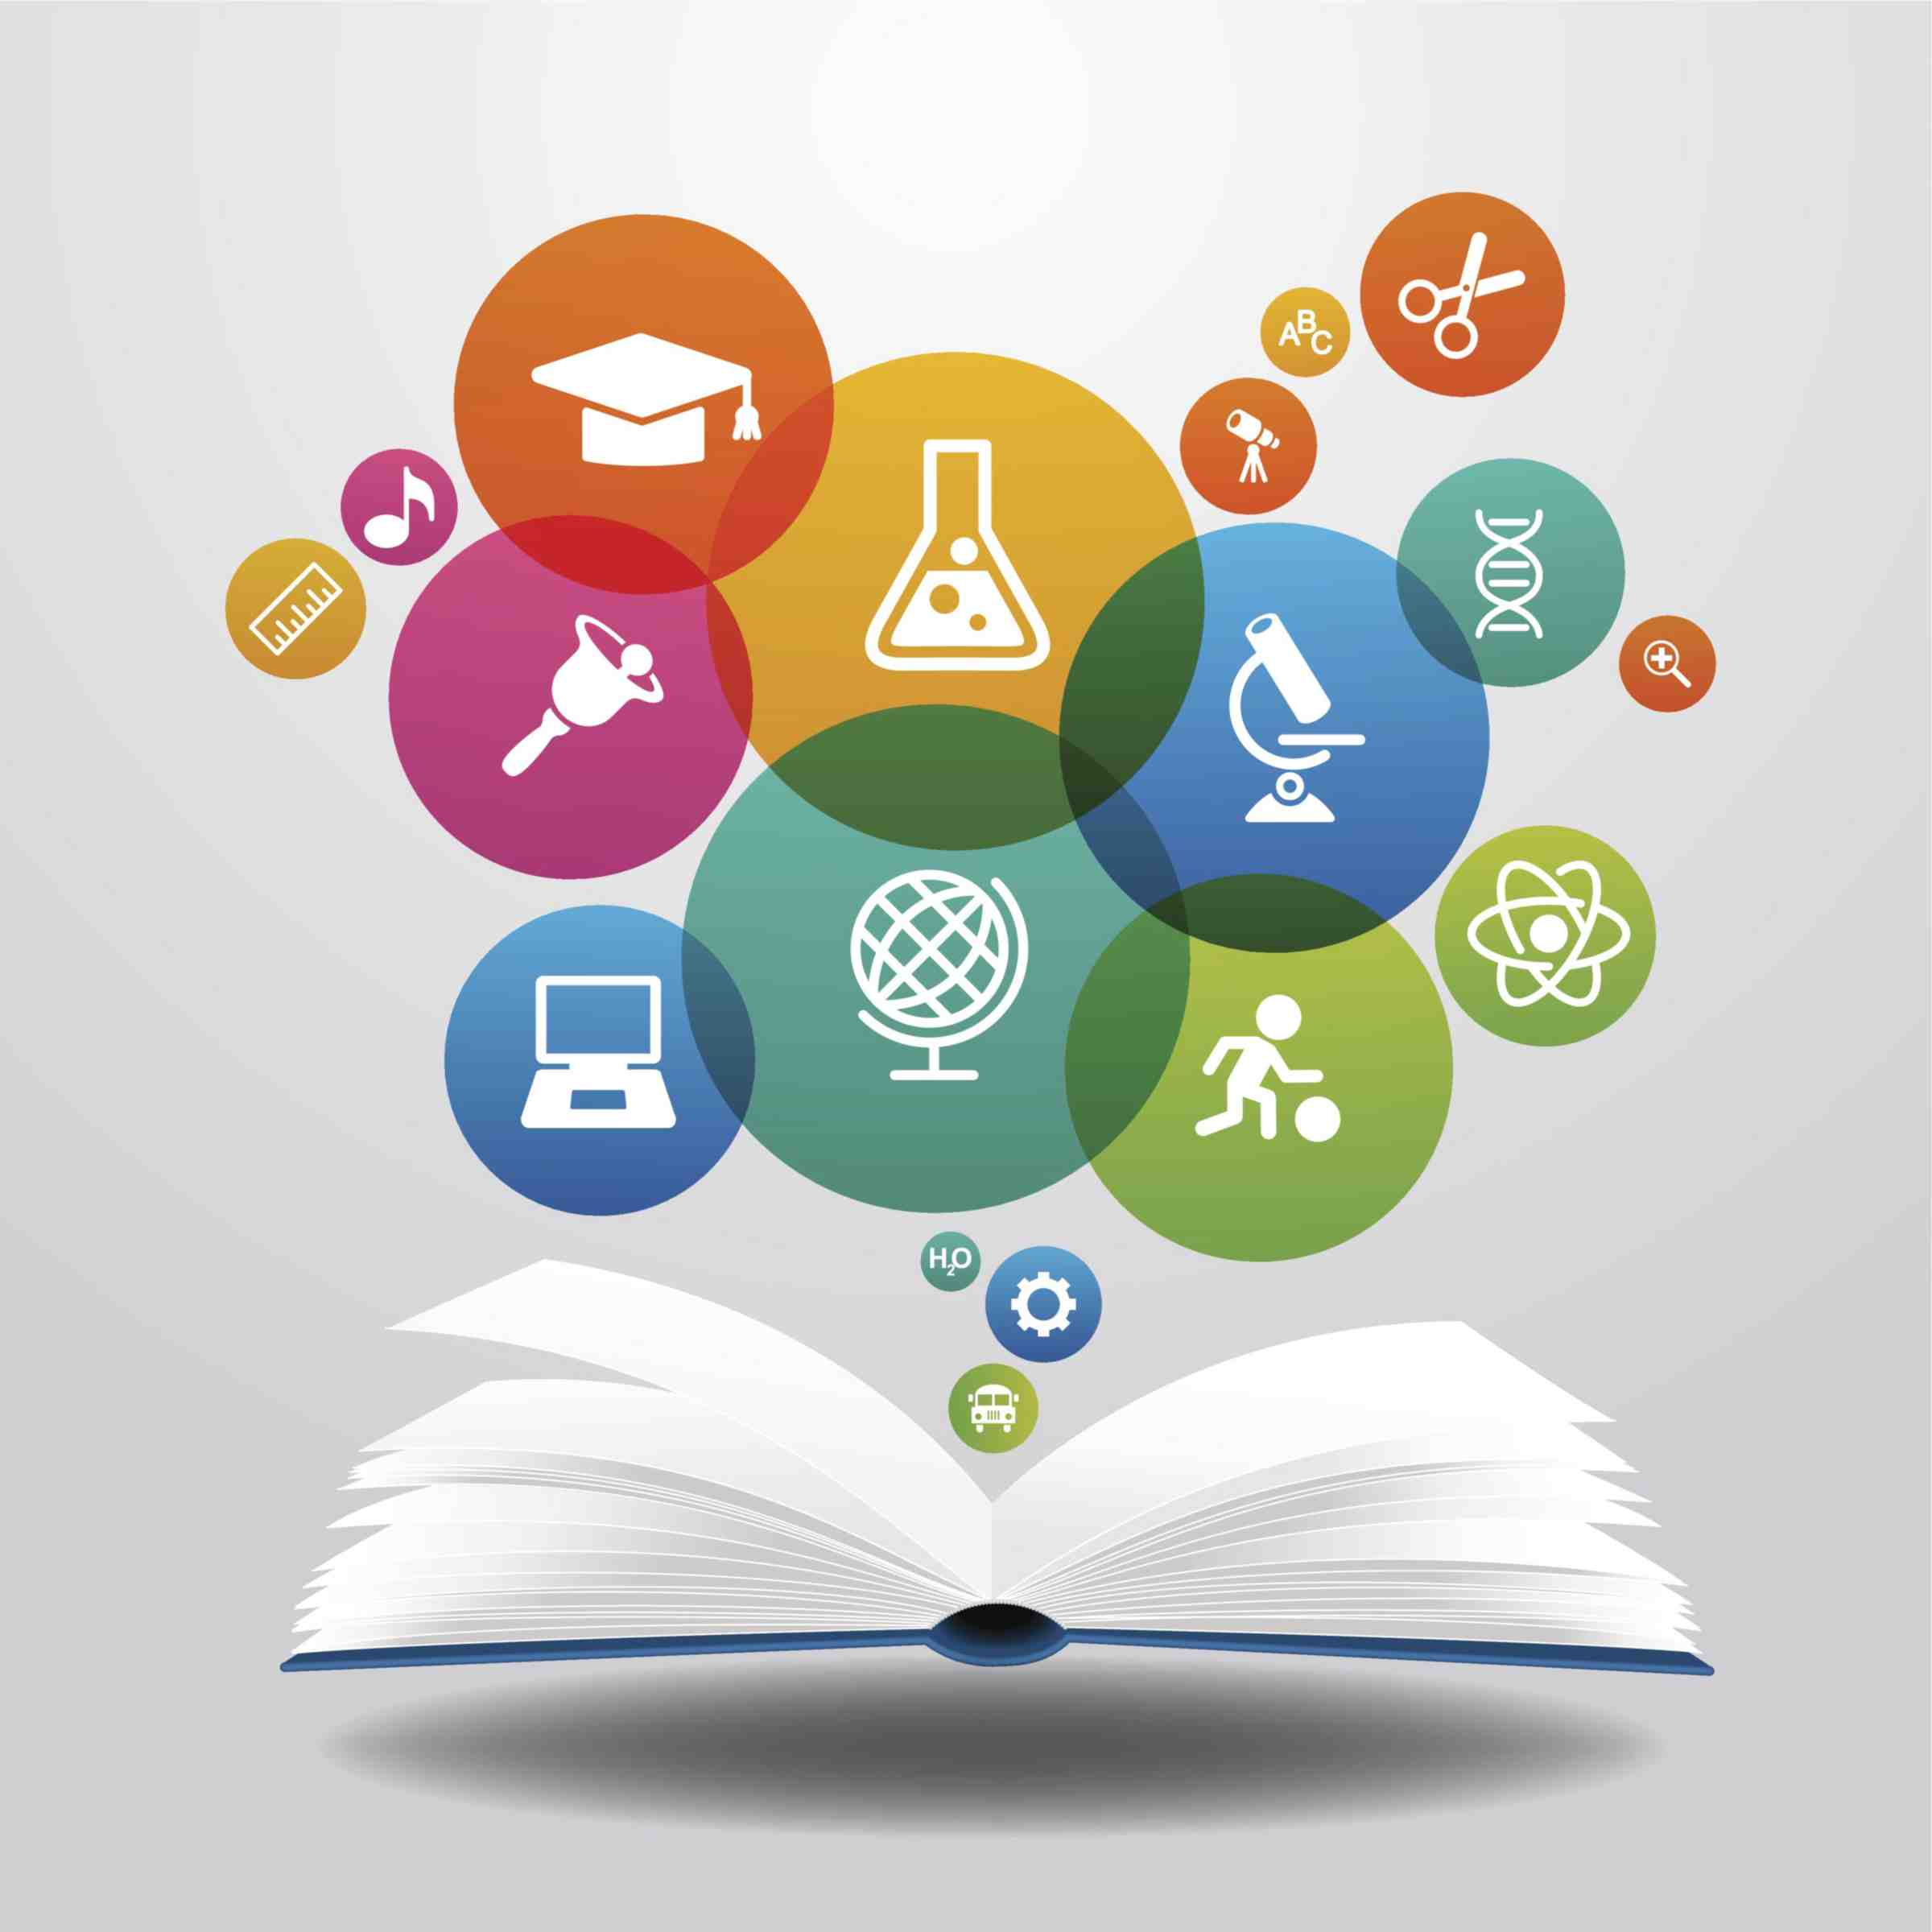 hattusas, didattica, formazione, scuola, apprendimento, insegnamento, programmi, contenuti, conoscenza, natura, cultura, didattica laboratoriale, laboratorio, sapere